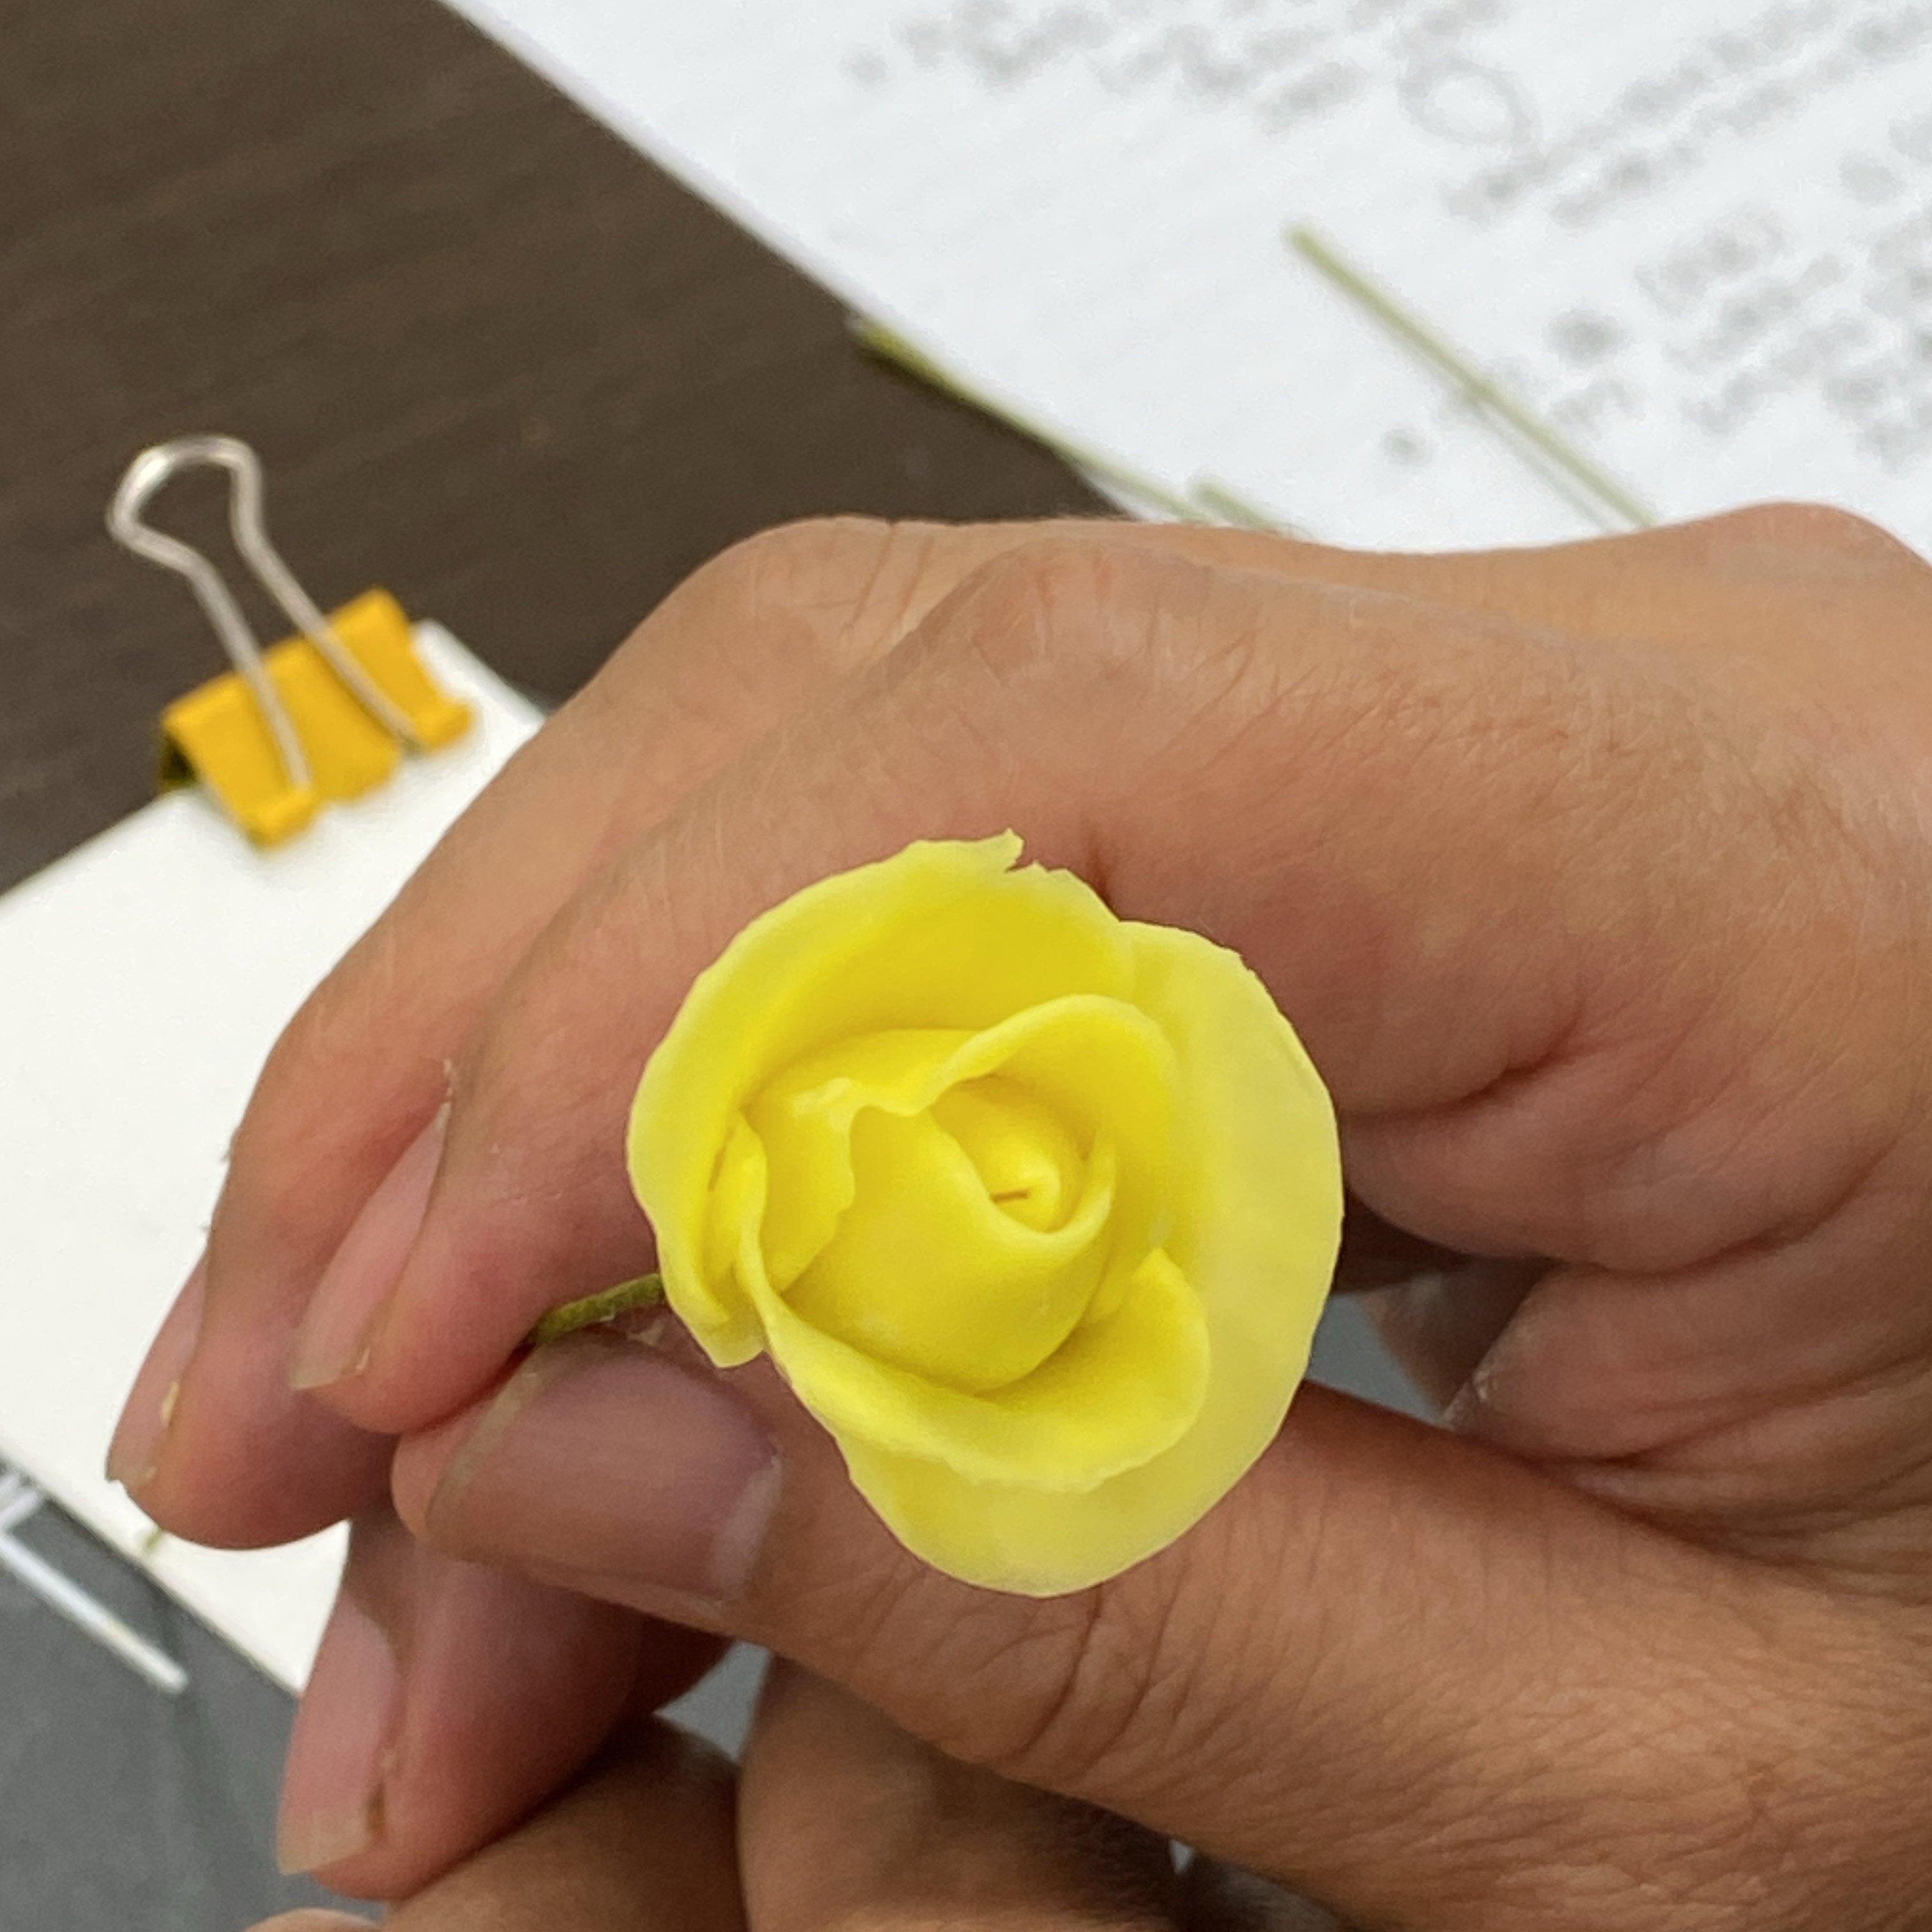 ハンドメイド/クレイフラワー(粘土で作ったお花)/ミニバラ